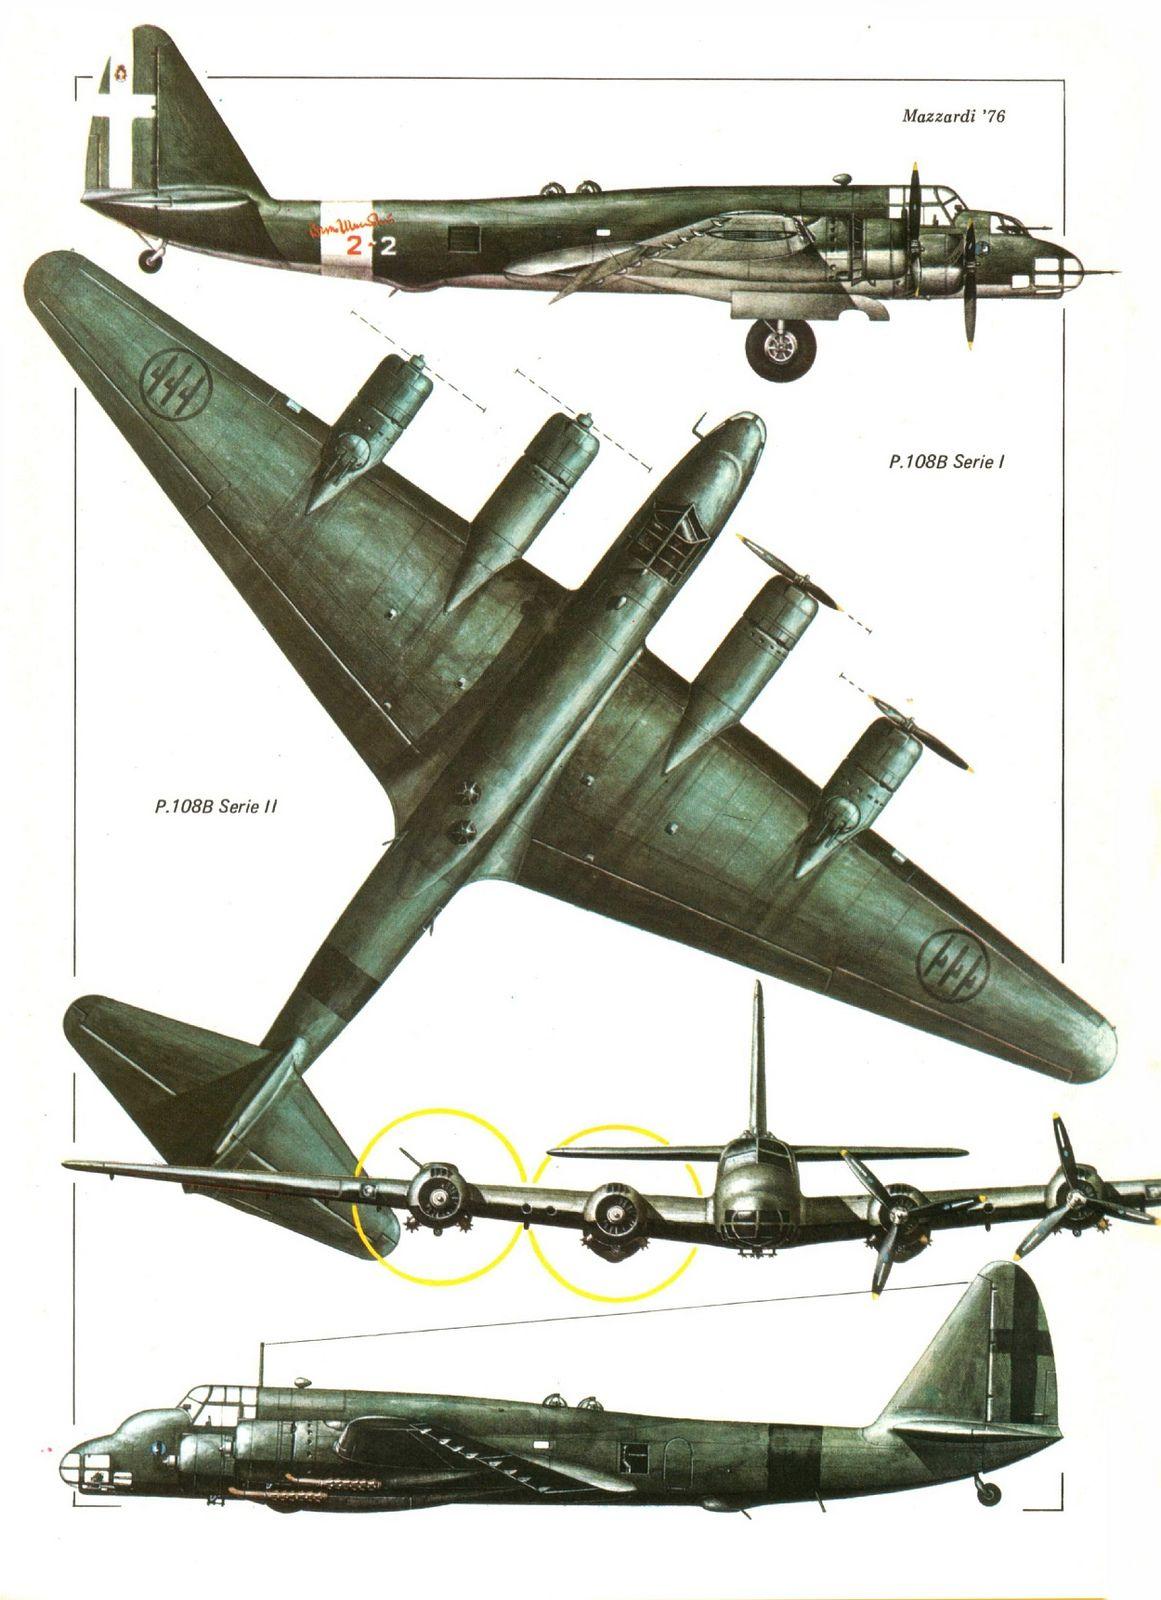 Savoia marchetti sm 79 gobba page 4 - Piaggio P 108 Planes Piaggio P 108 Pinterest Aircraft Planes And Military Aircraft